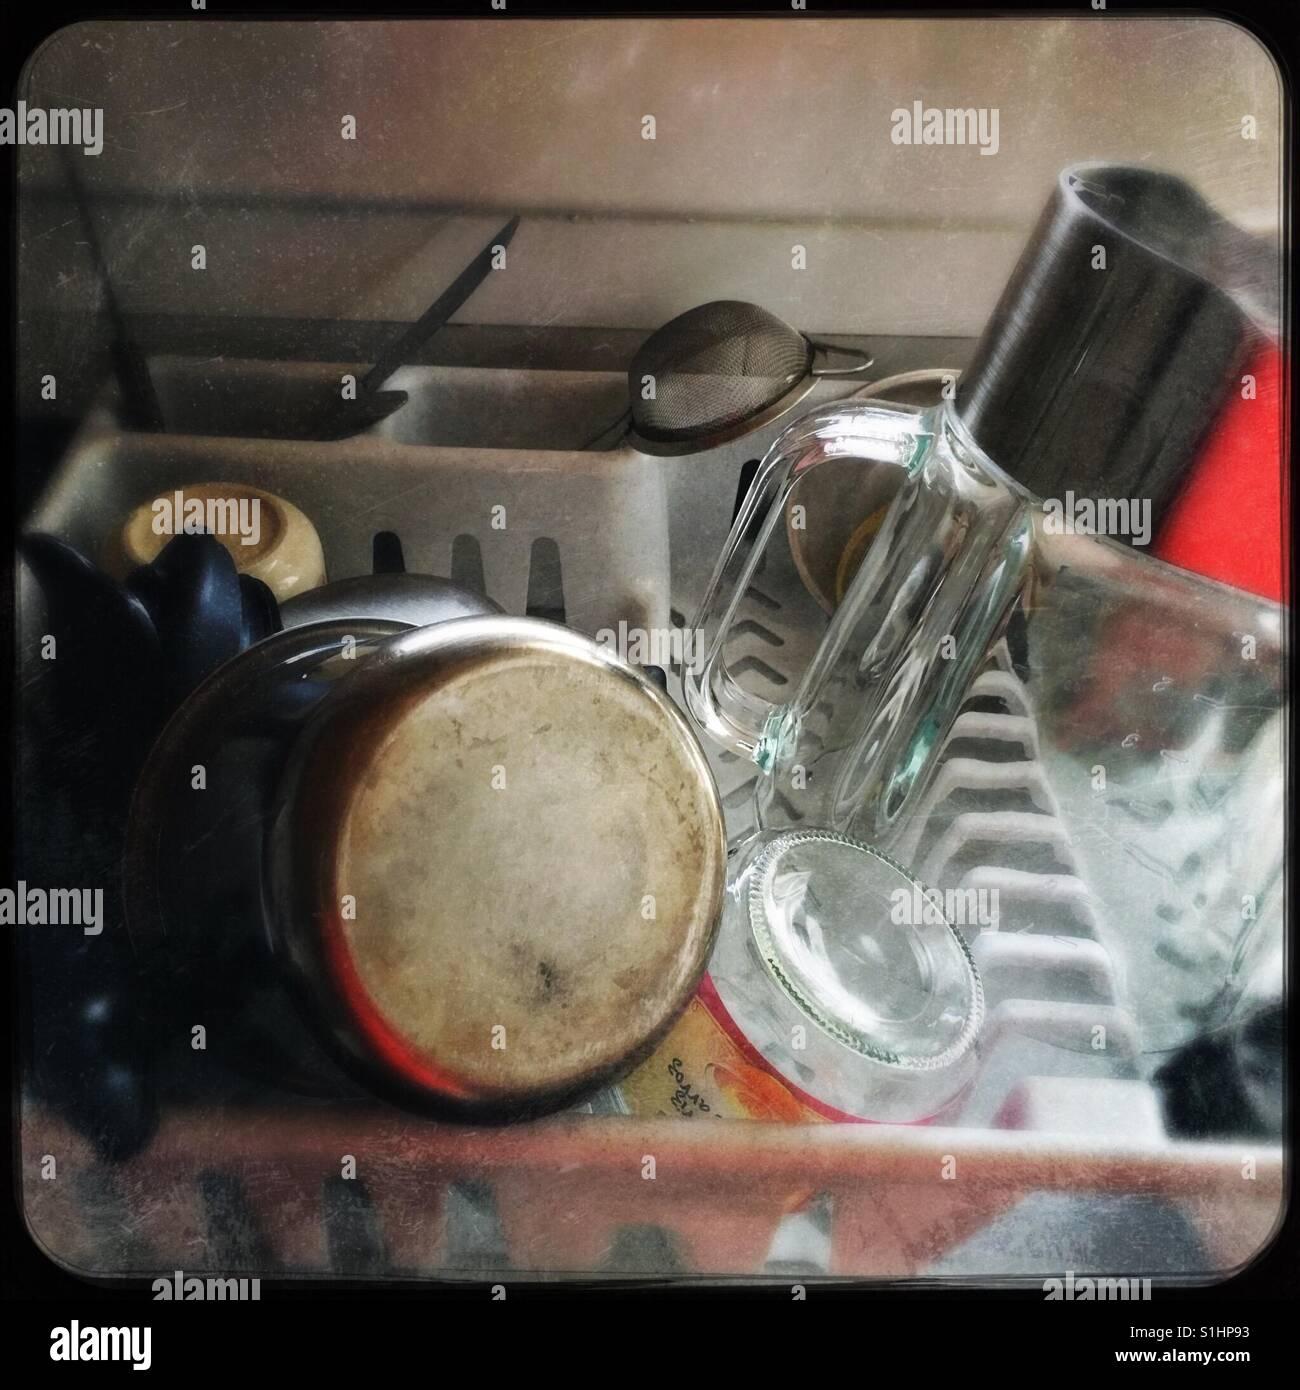 Kitchen utensils inside a wringer - Stock Image